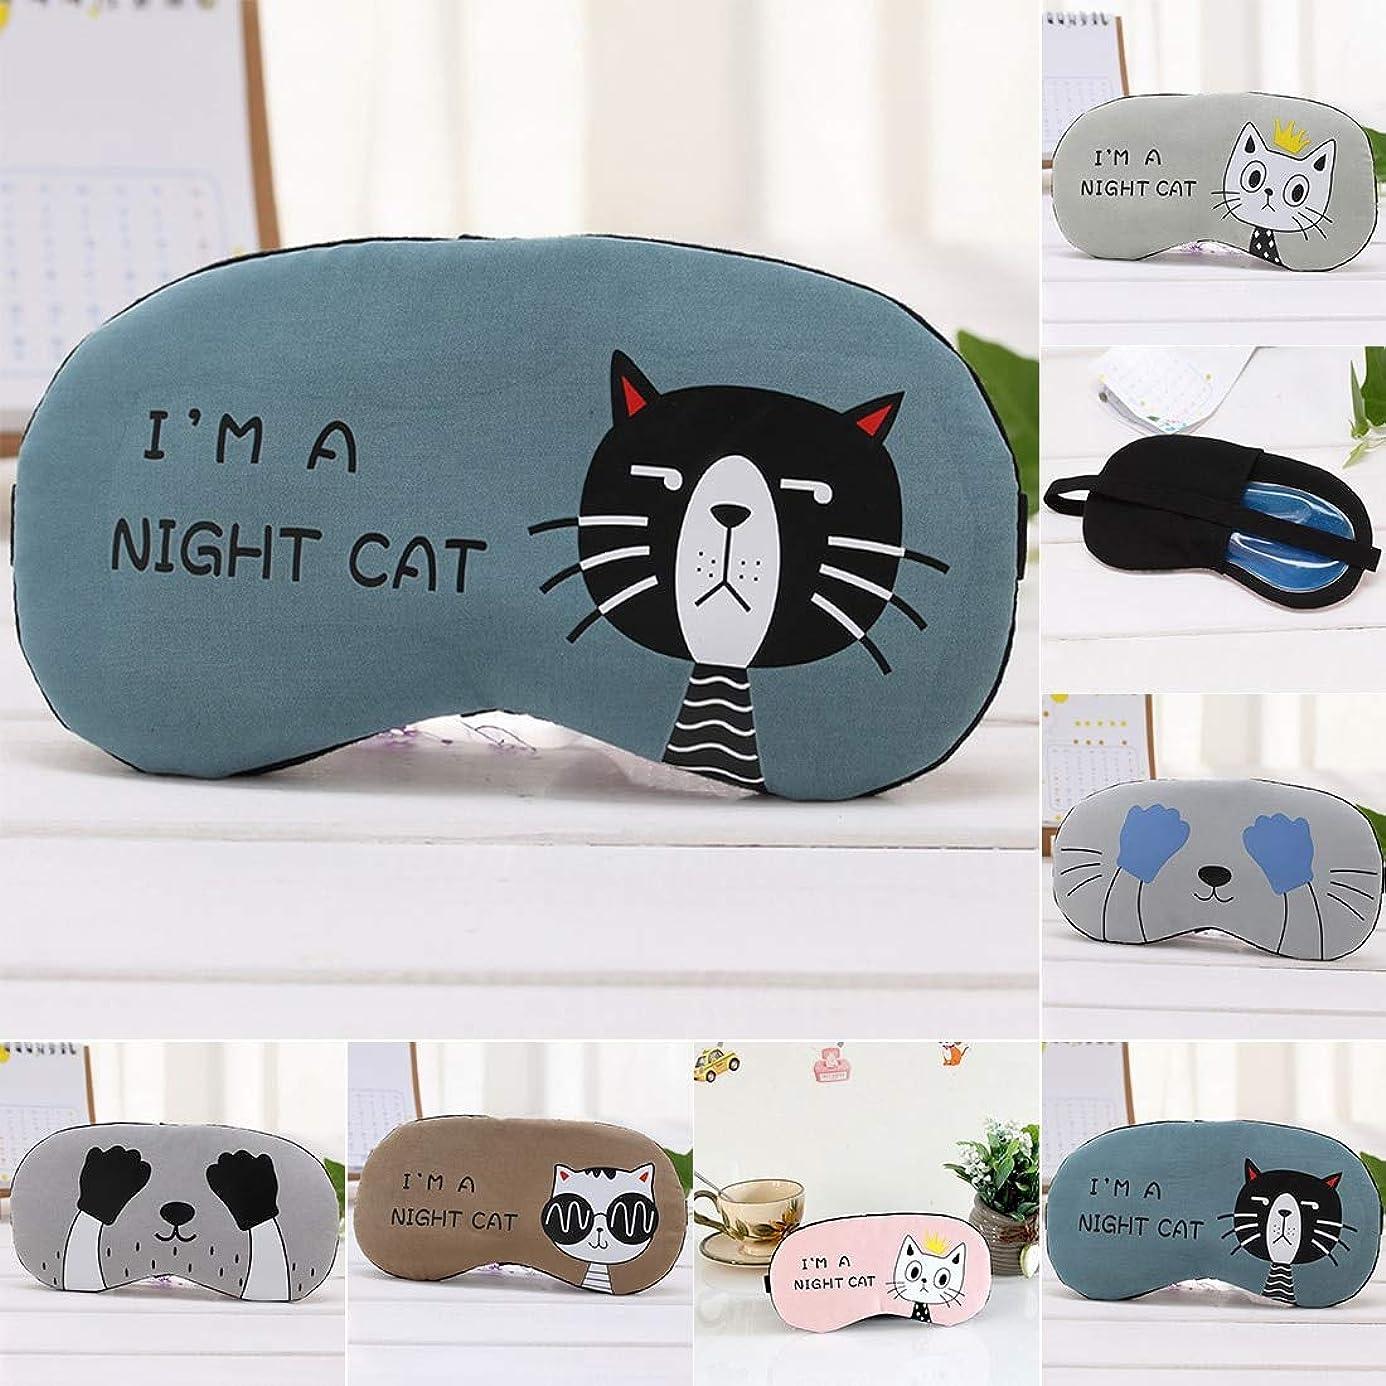 冷える悔い改めるタイプライター注意漫画猫シェーディング睡眠美容睡眠アイマスクソフトパッド入り睡眠旅行シェードカバー残りリラックス睡眠目隠しマスク